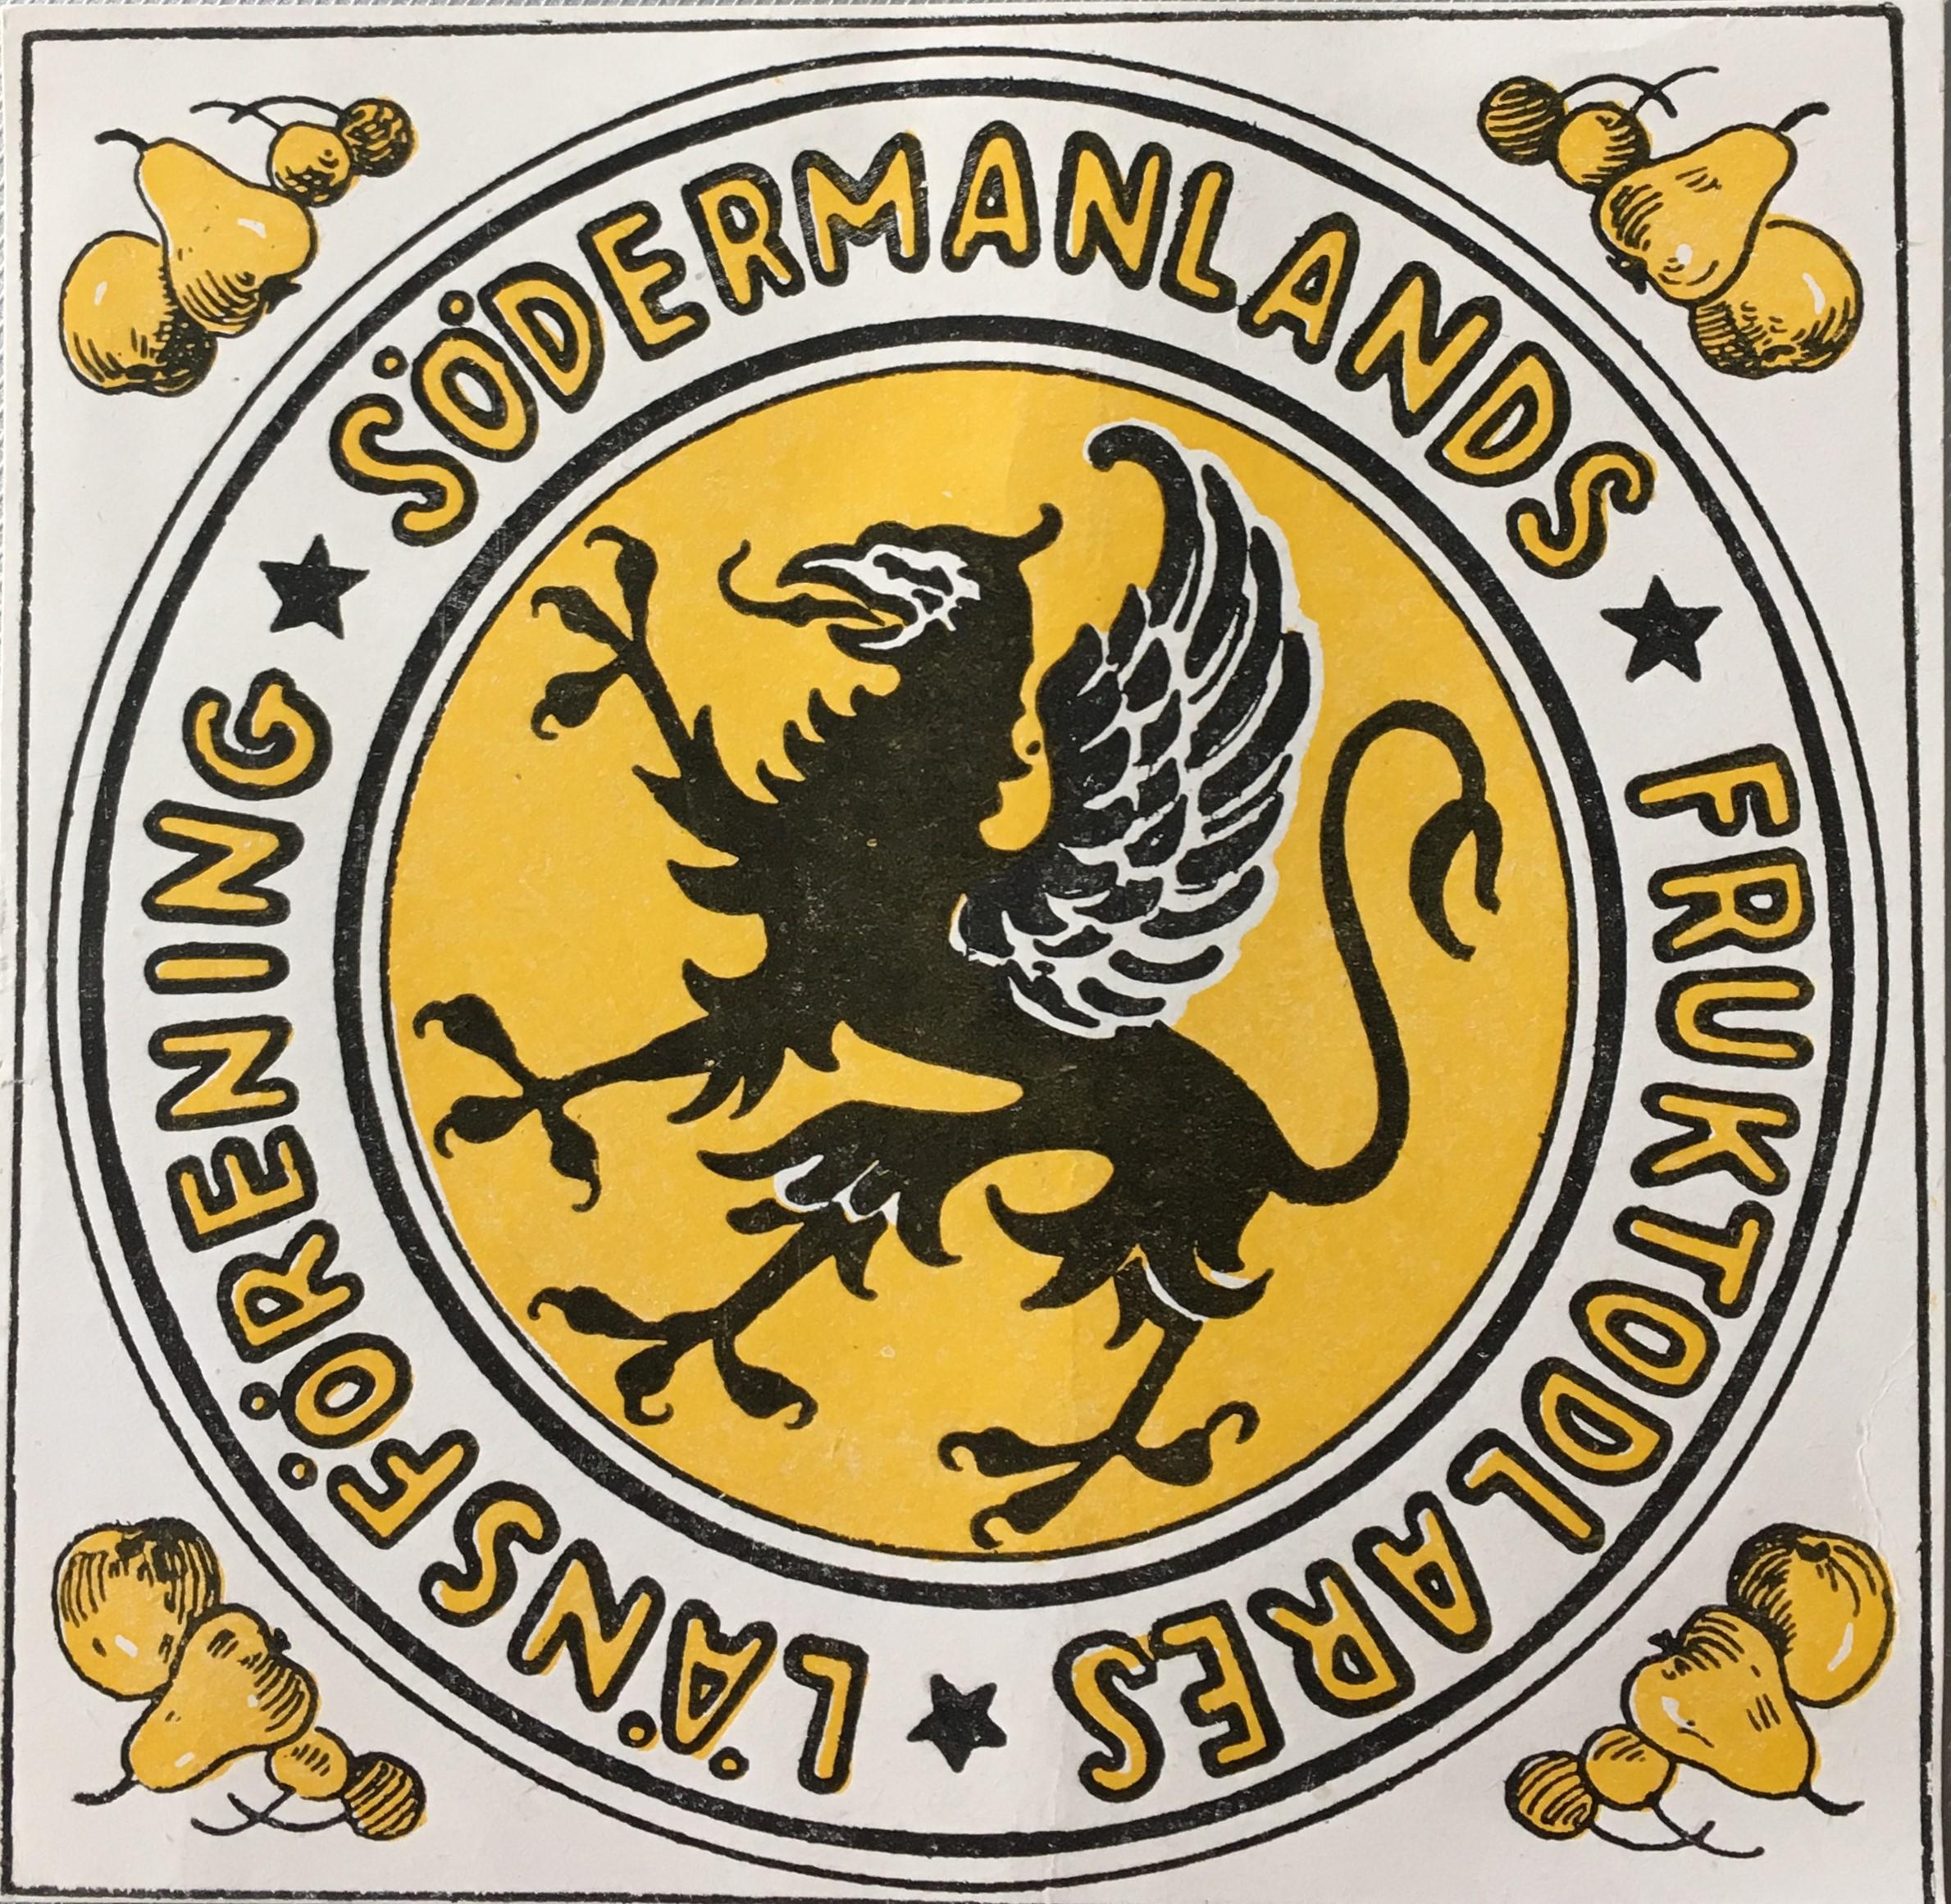 Länsföreningens logga från 1911. Södermanlands fruktodlares länsförenings arkiv, Arkiv Sörmland